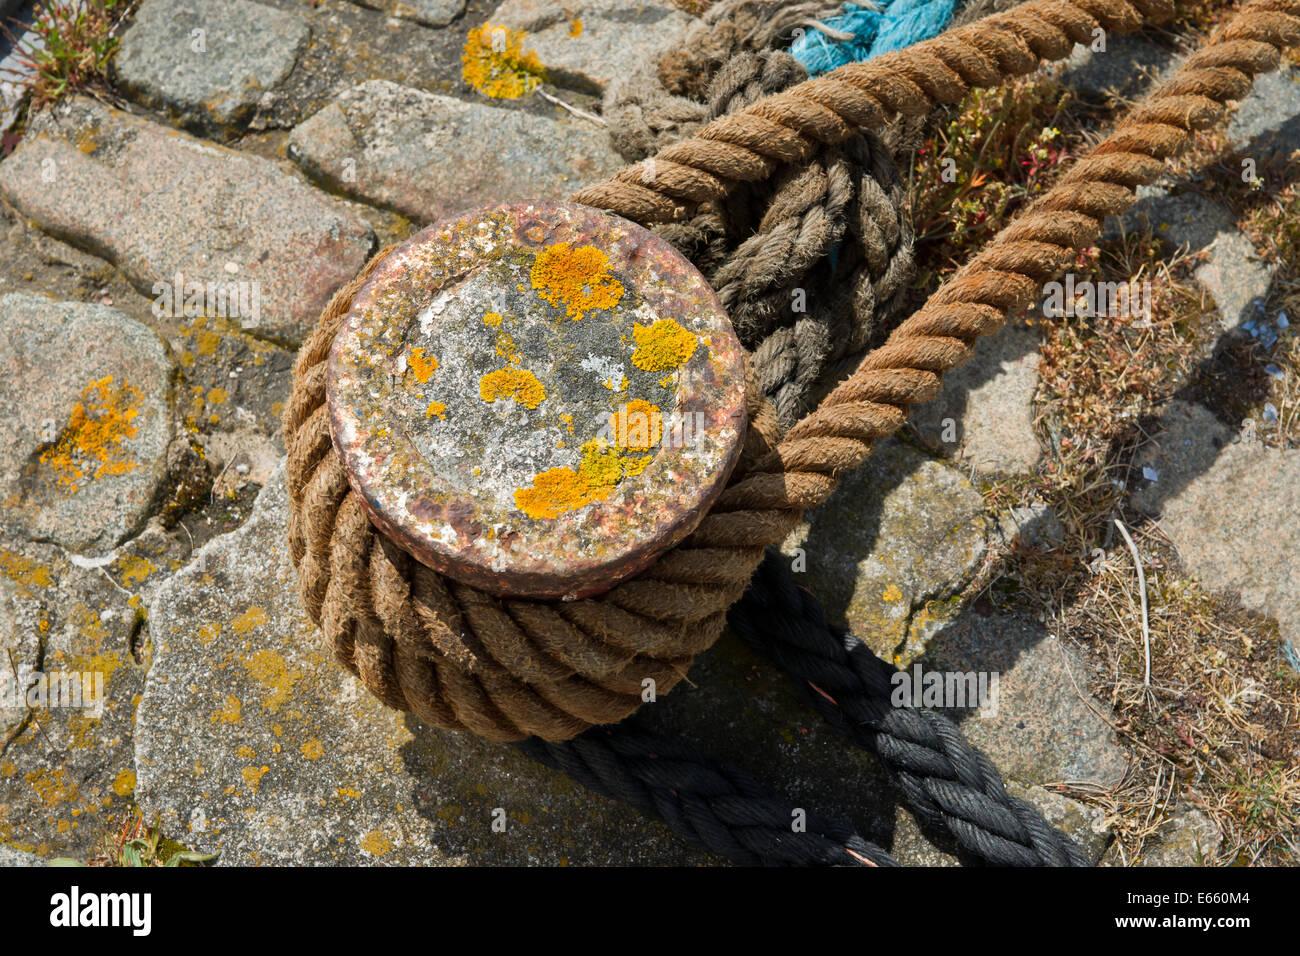 Un bollard avec corde de chanvre provenant d'un navire enroulé autour d'elle Photo Stock